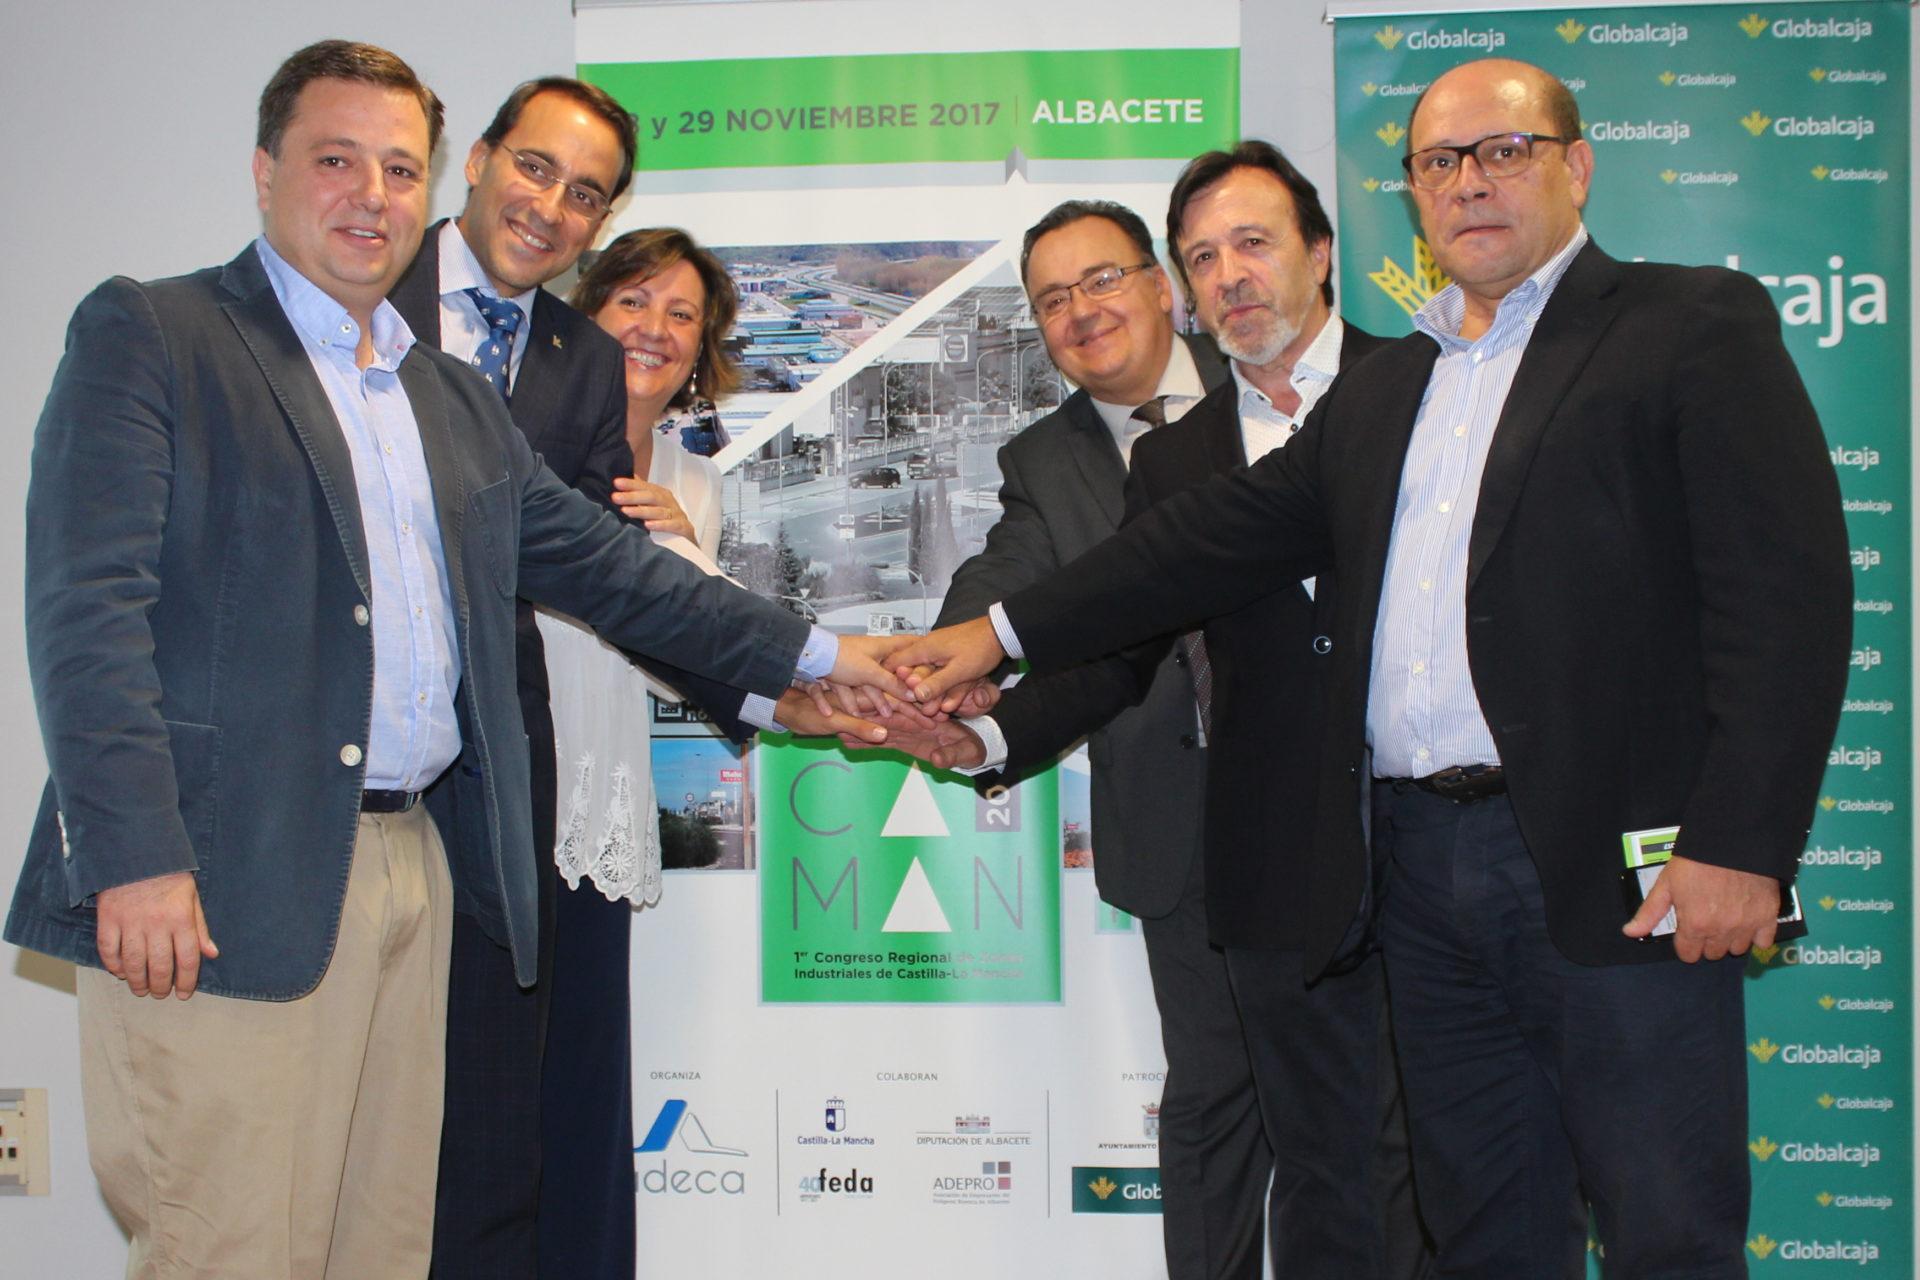 ADECA presenta ZINCAMAN, el I Congreso regional de Zonas Industriales